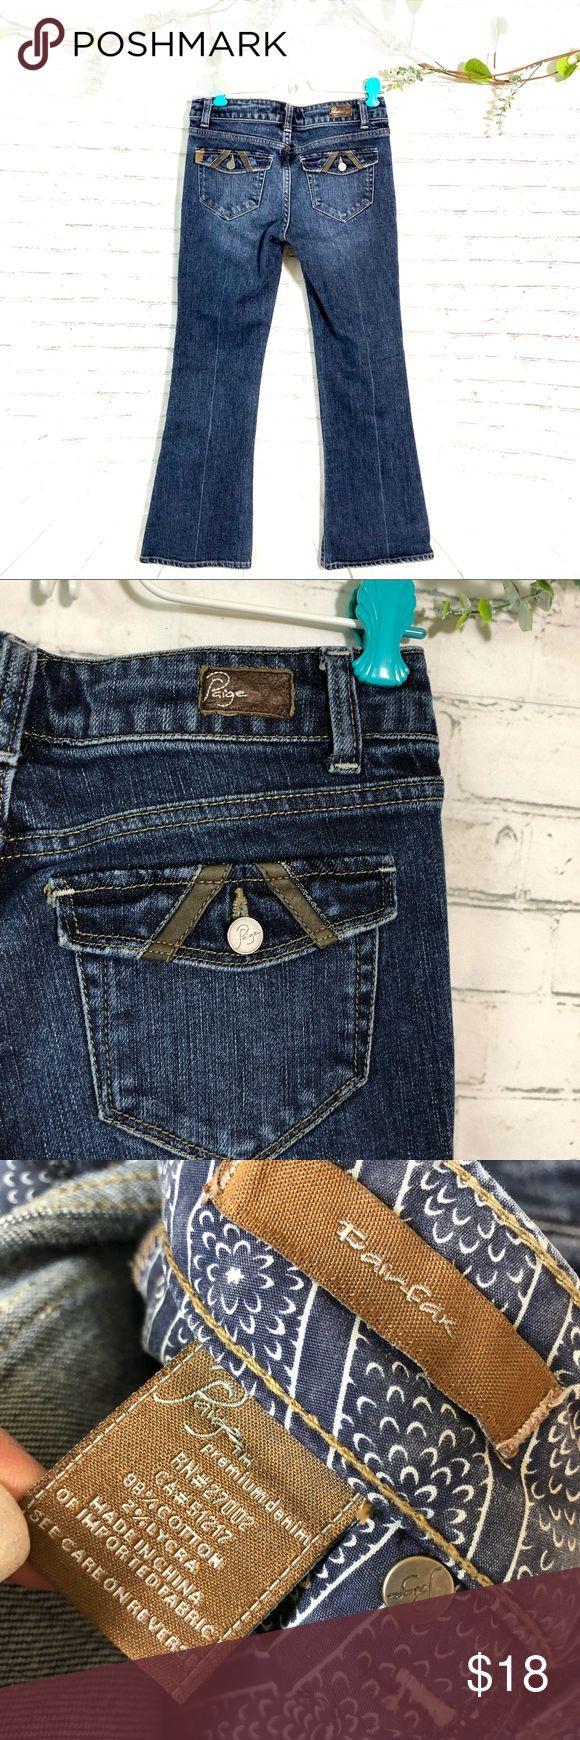 """Paige premium denim pairfar boot cut jeans Great condition 28"""" inseam PAIGE Bottoms Jeans"""